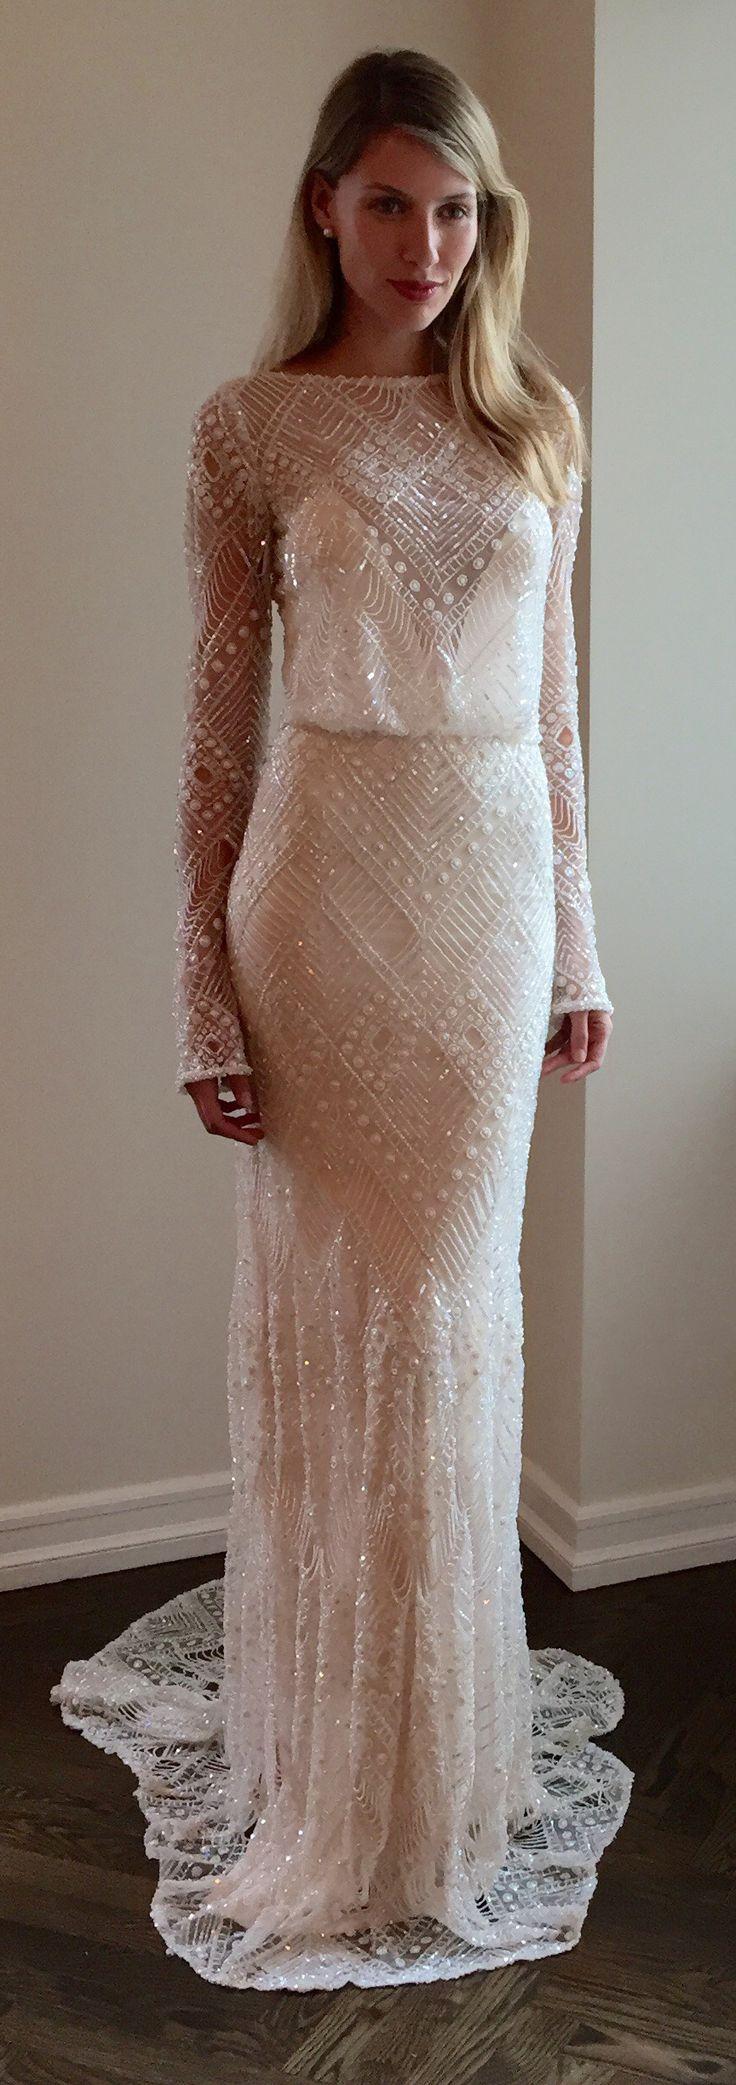 #BERTA Beauty from the NY Bridal Fashion Week